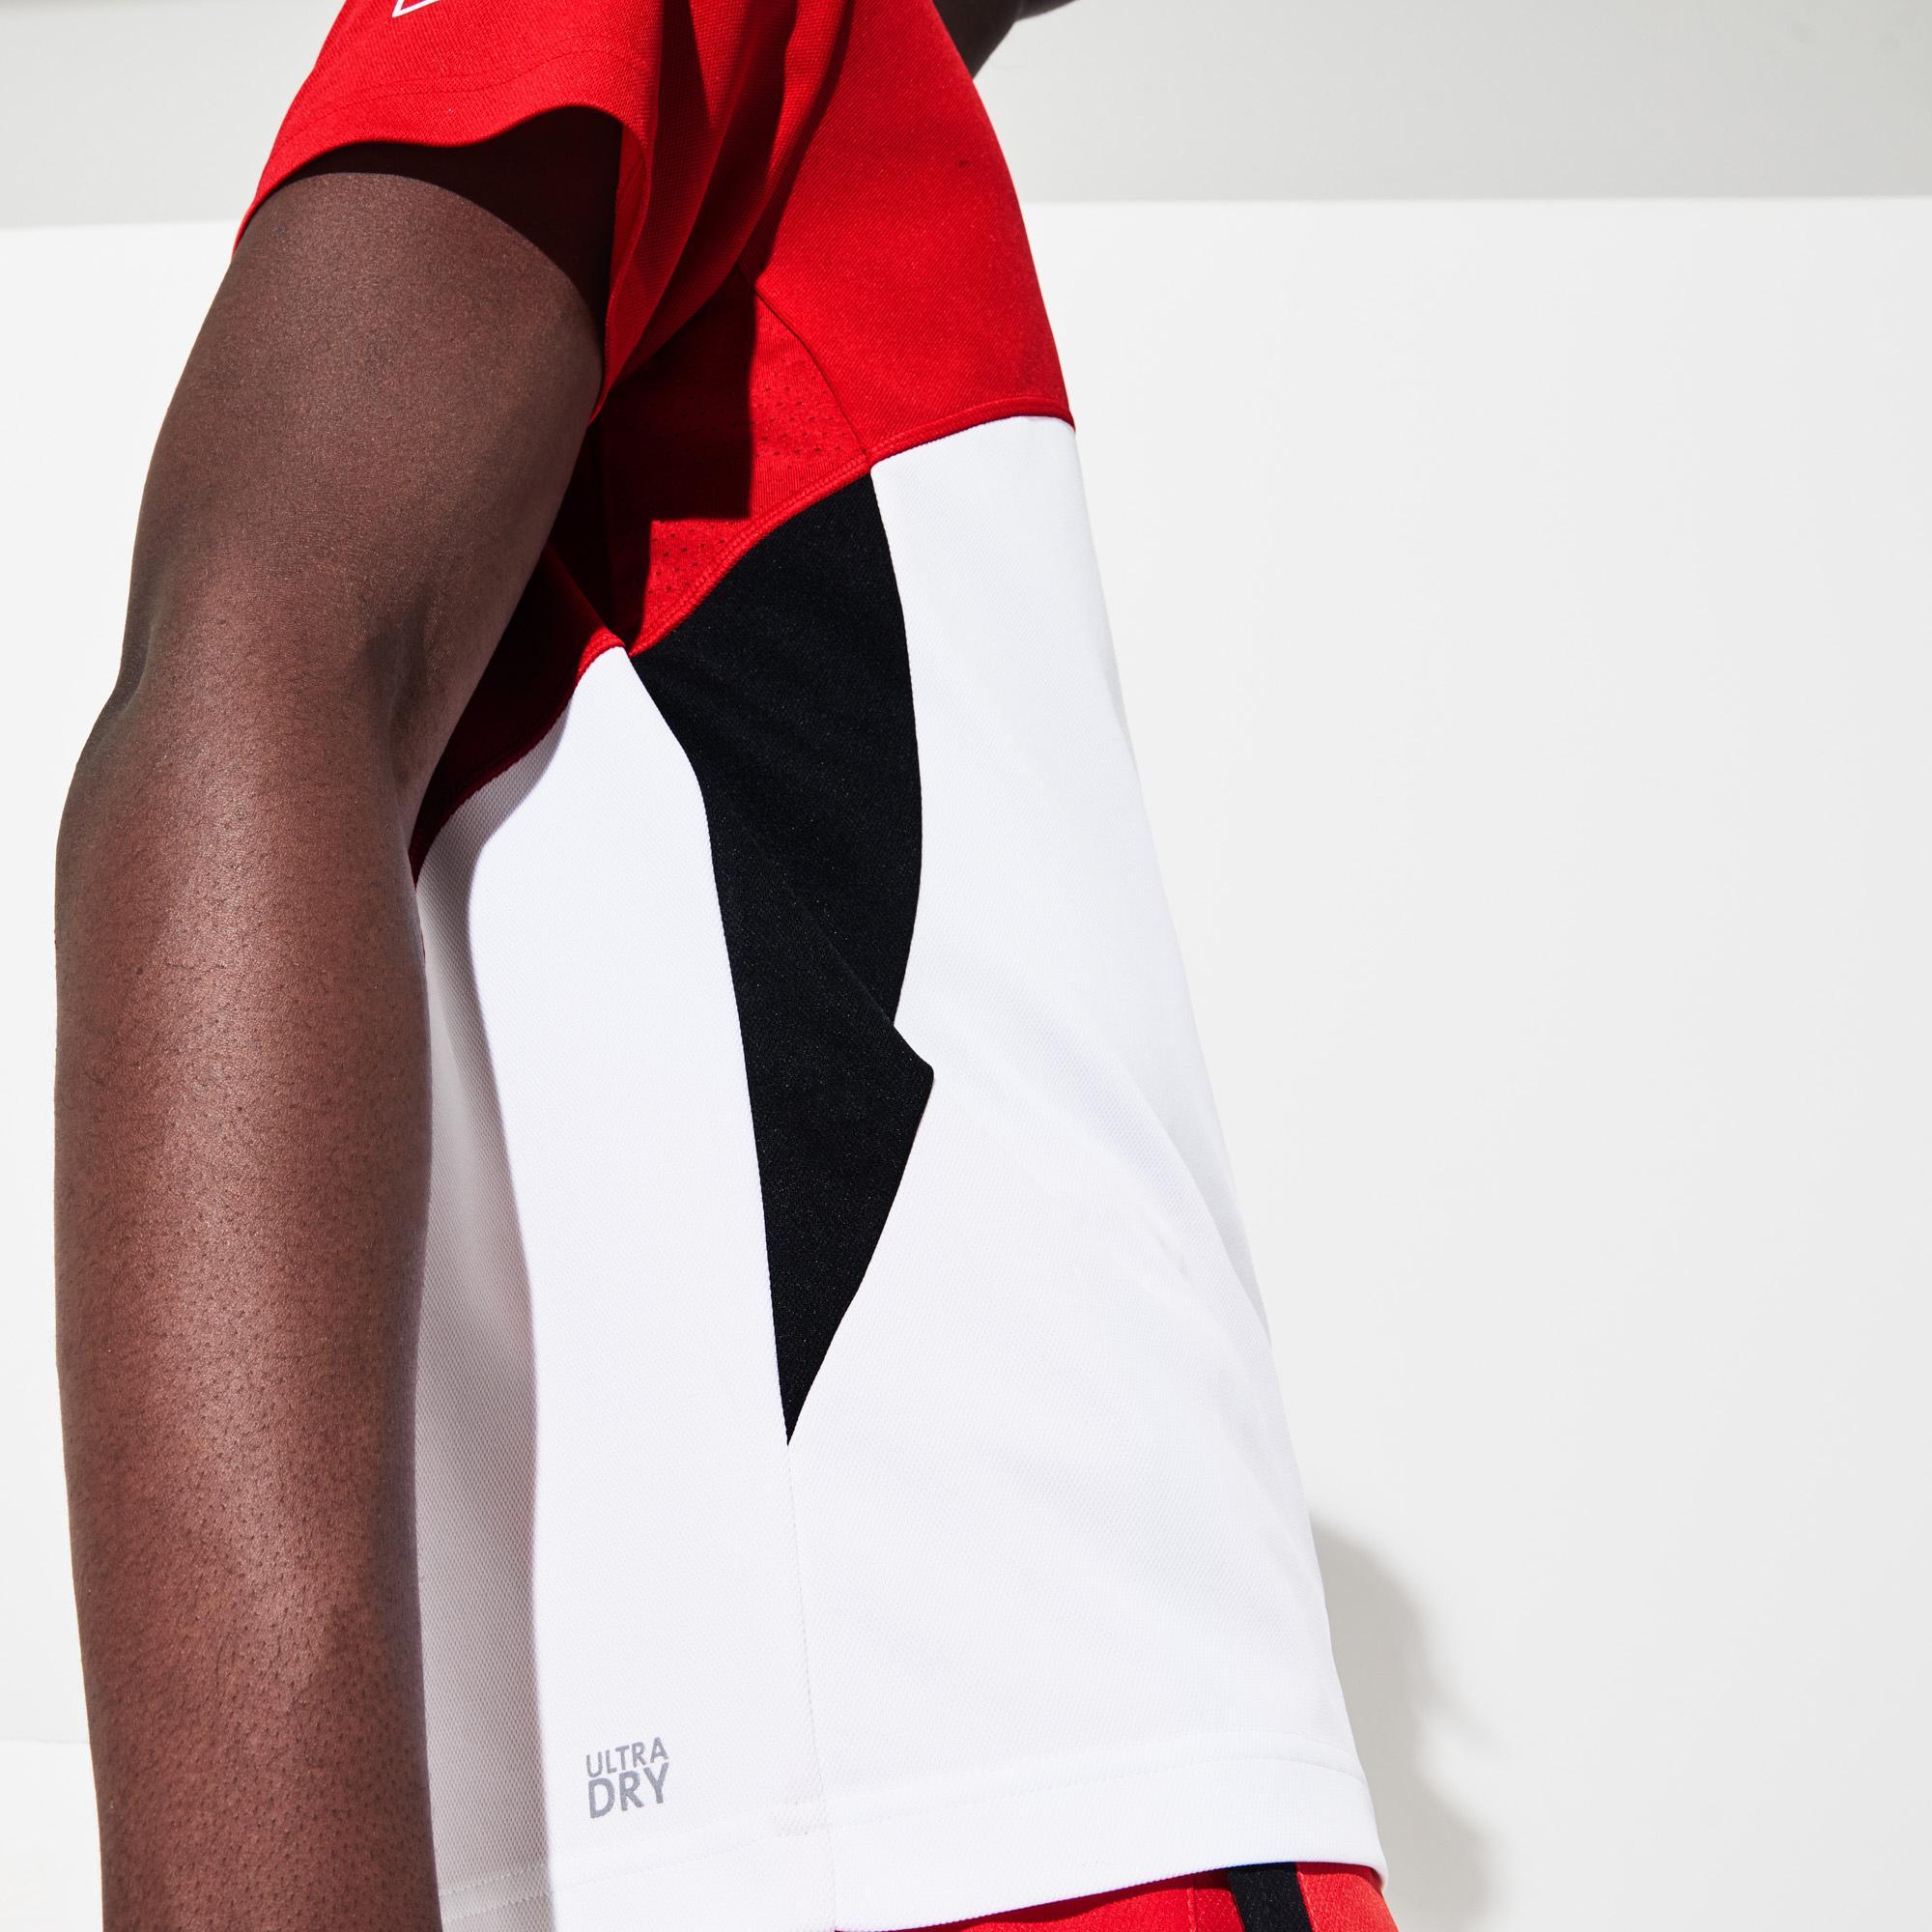 Lacoste Męska Koszulka Polo Z Zamkiem Błyskawicznym Do Gry W Tenisa Z Piki Ultra Dry